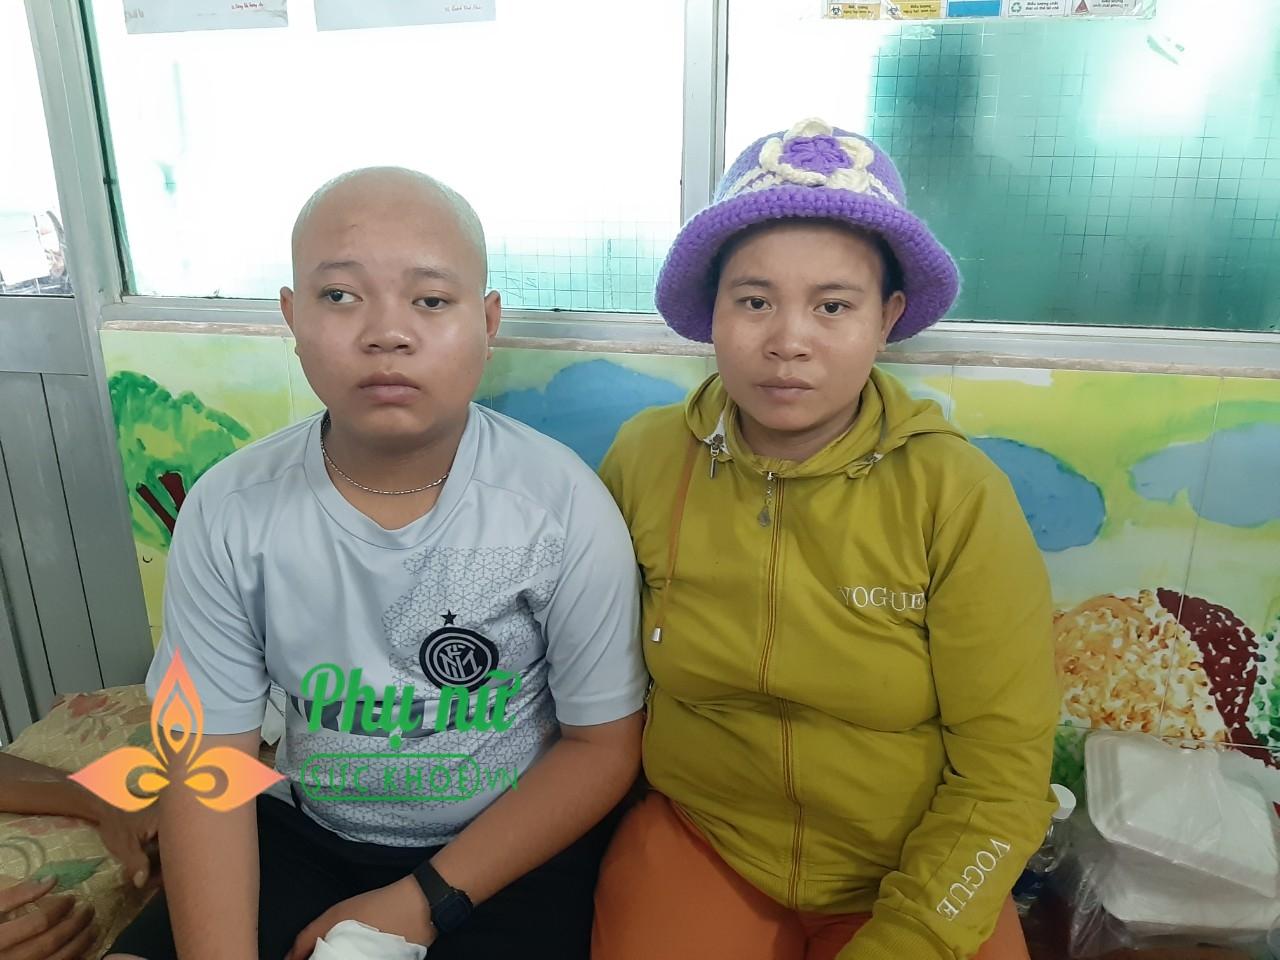 Thương tâm cảnh cậu học trò nghèo bị bệnh u não ác tính, bà nội bị ung thư cổ tử cung, gia cảnh cùng cực, không tiền cứu chữa - Ảnh 3